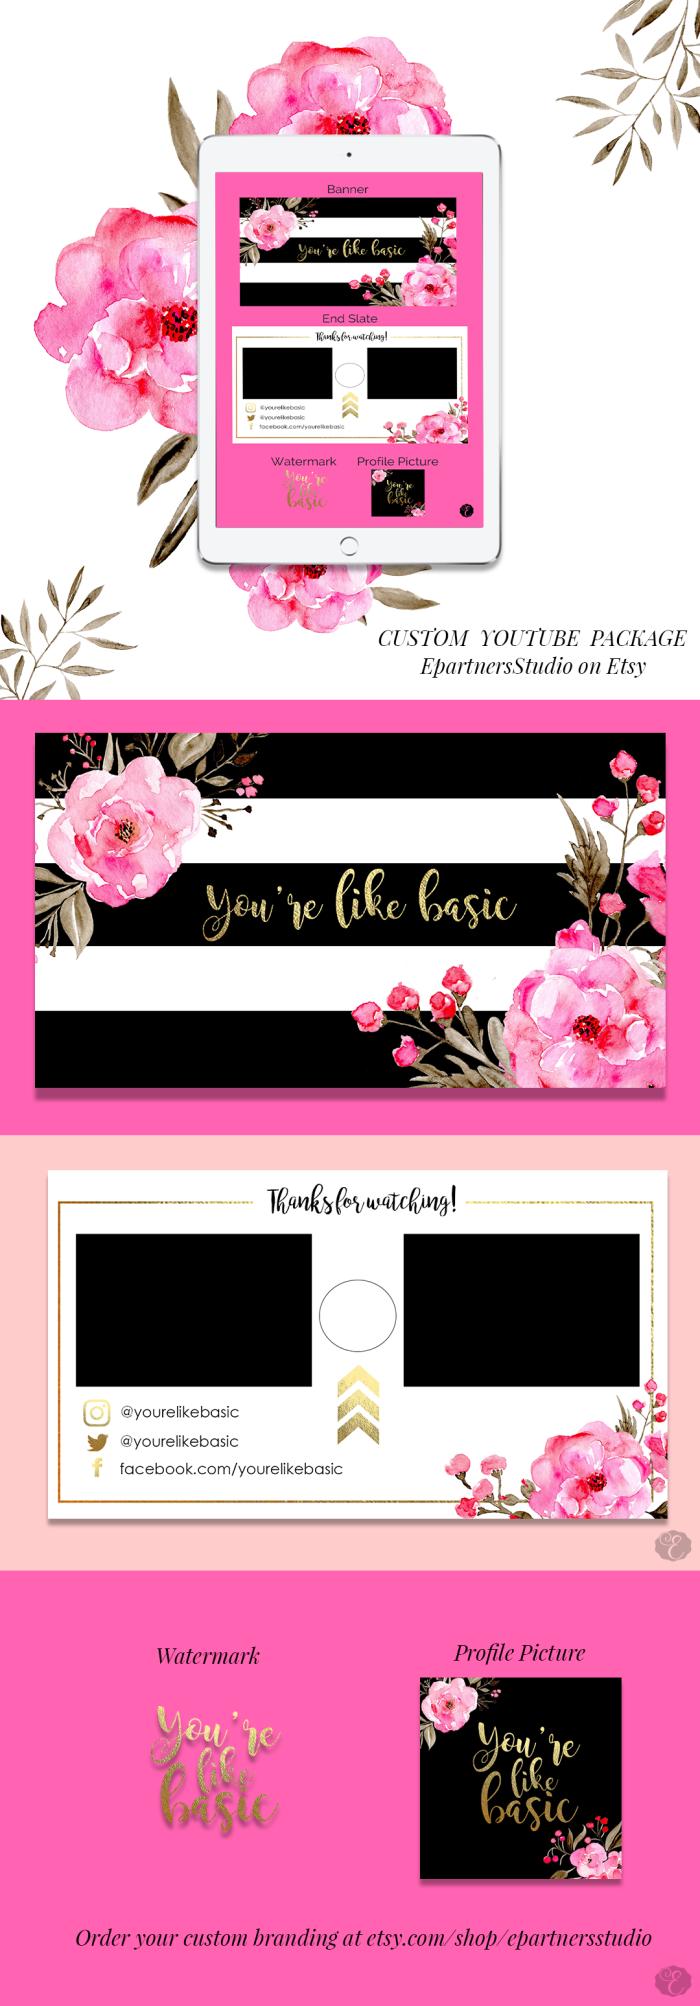 Custom YouTube Art - Blog Branding - Etsy